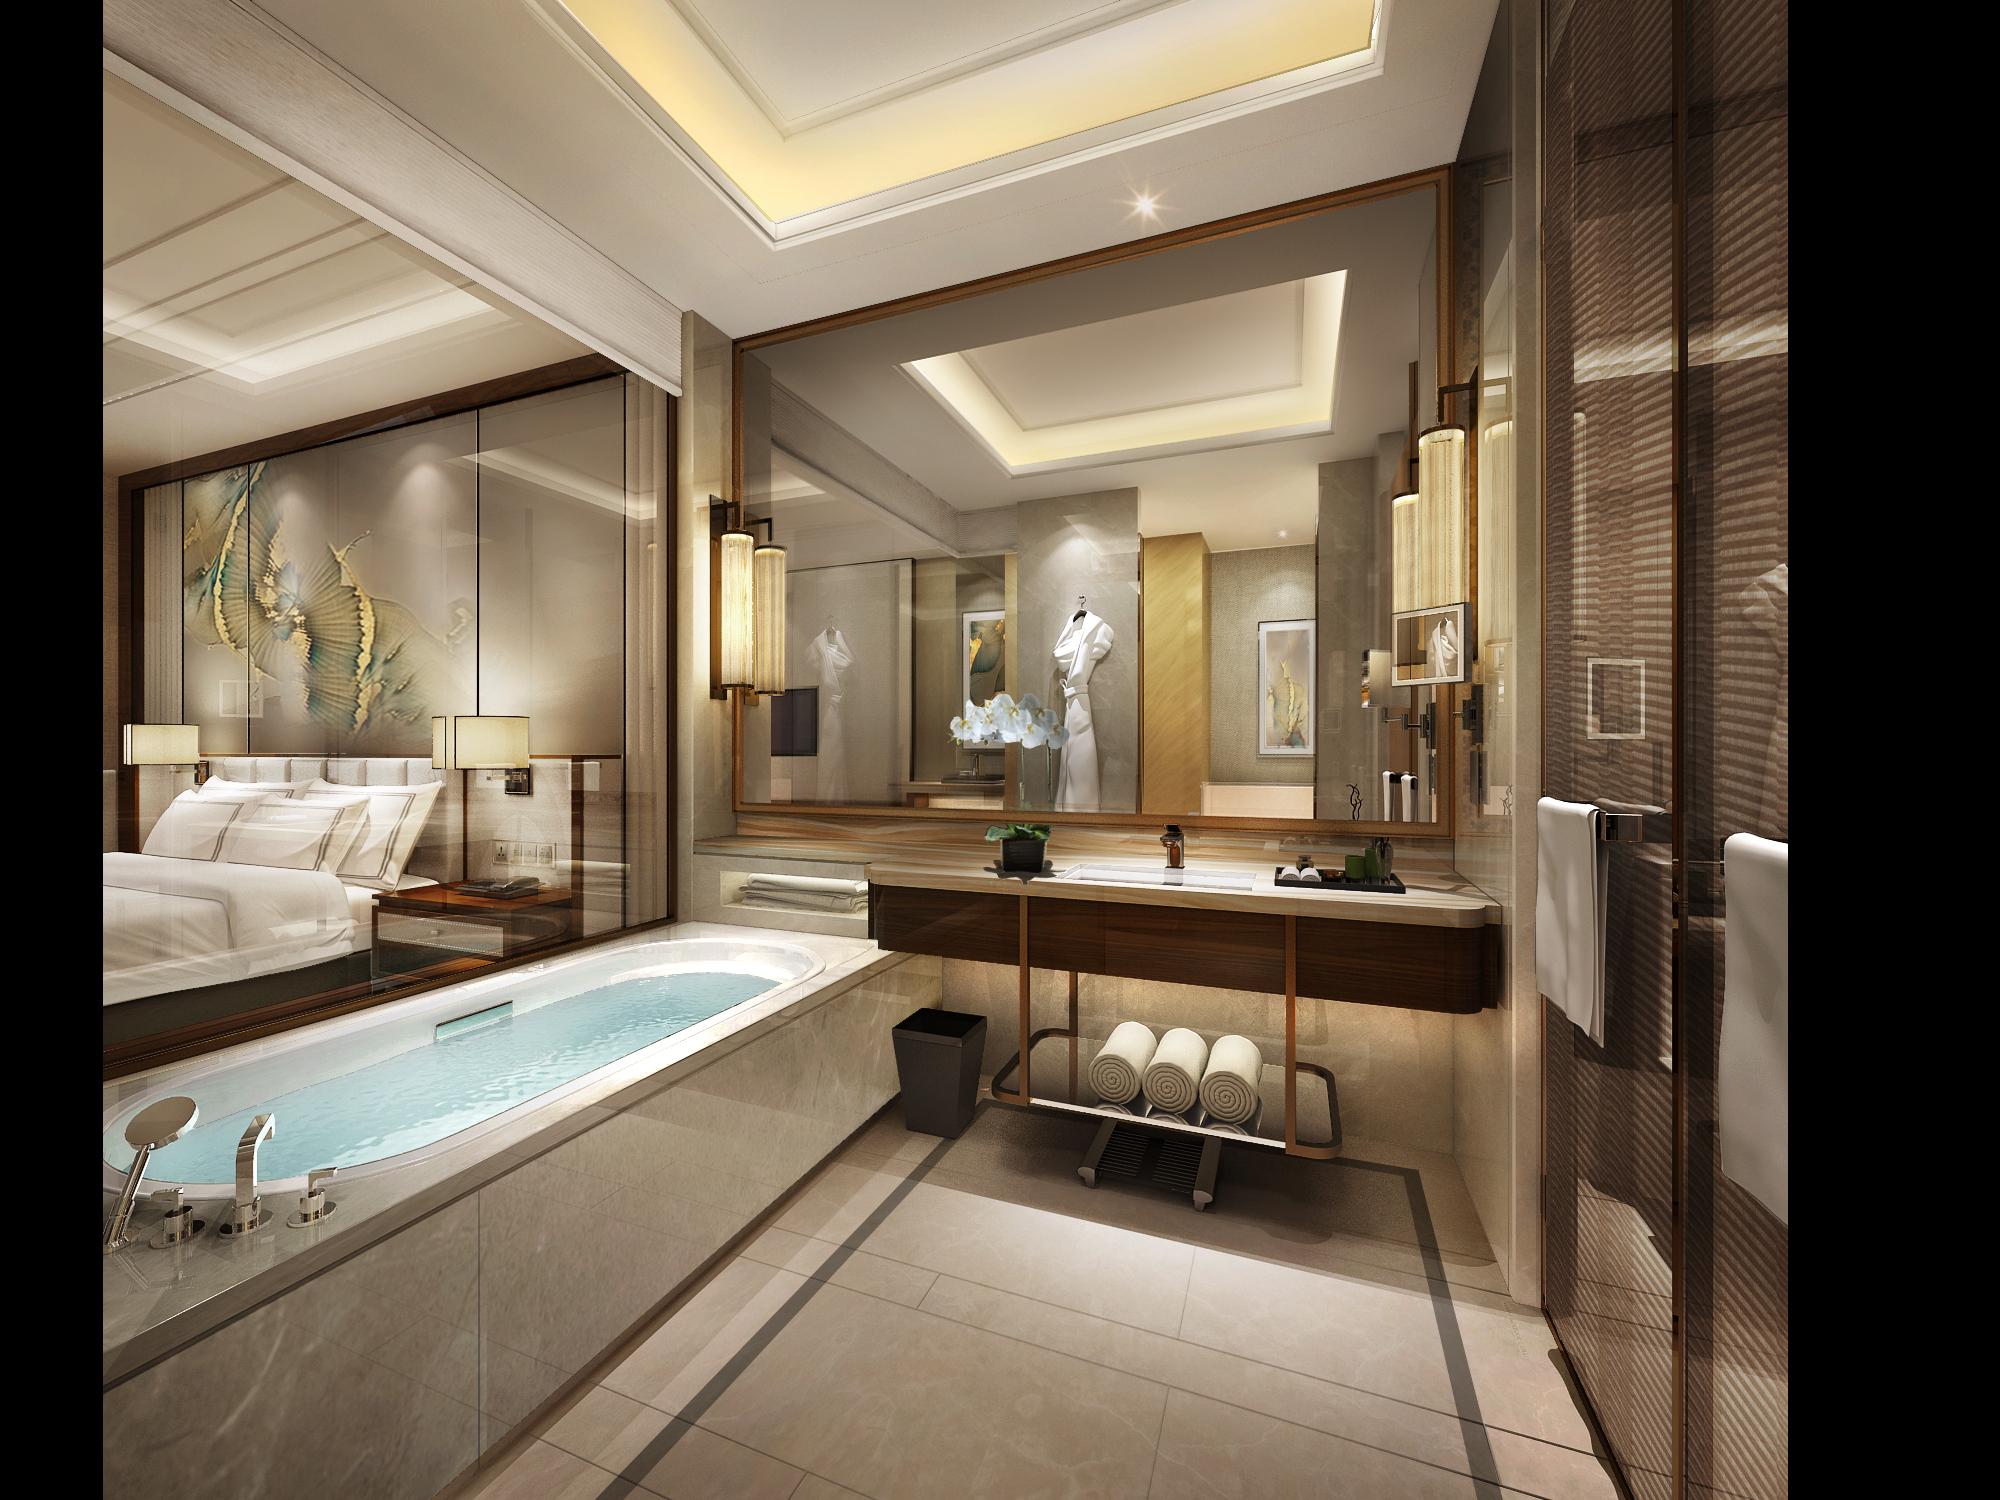 安徽喜来登酒店丨效果图+全套CAD施工图+硬装物料+软装物料_6673006_04大床房卫生间.jpg